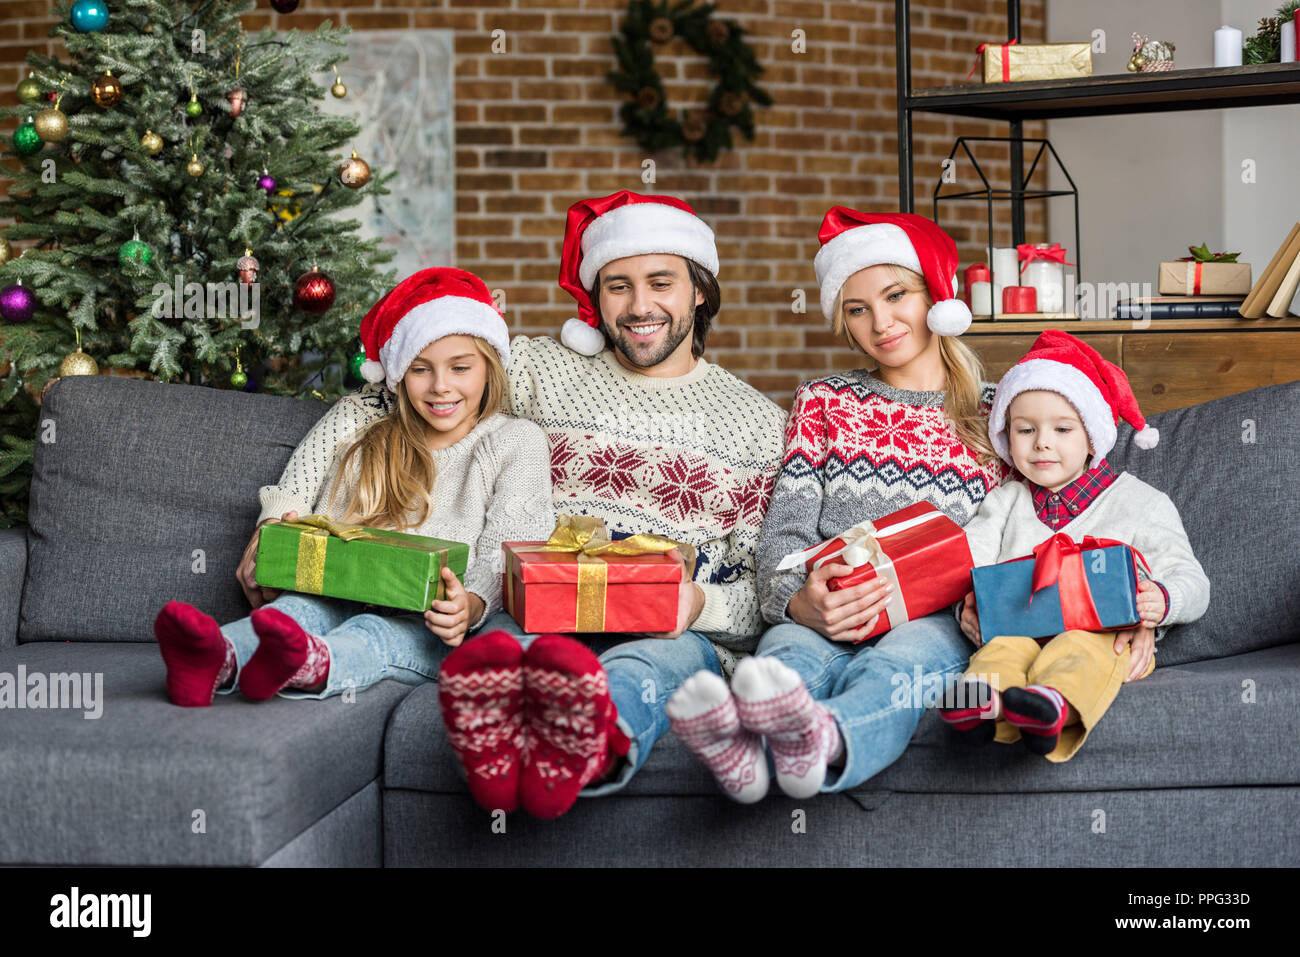 Regali Di Babbo Natale.La Famiglia Felice In Cappelli Di Babbo Natale Tenendo I Regali Di Natale E Seduti Insieme A Casa Foto Stock Alamy